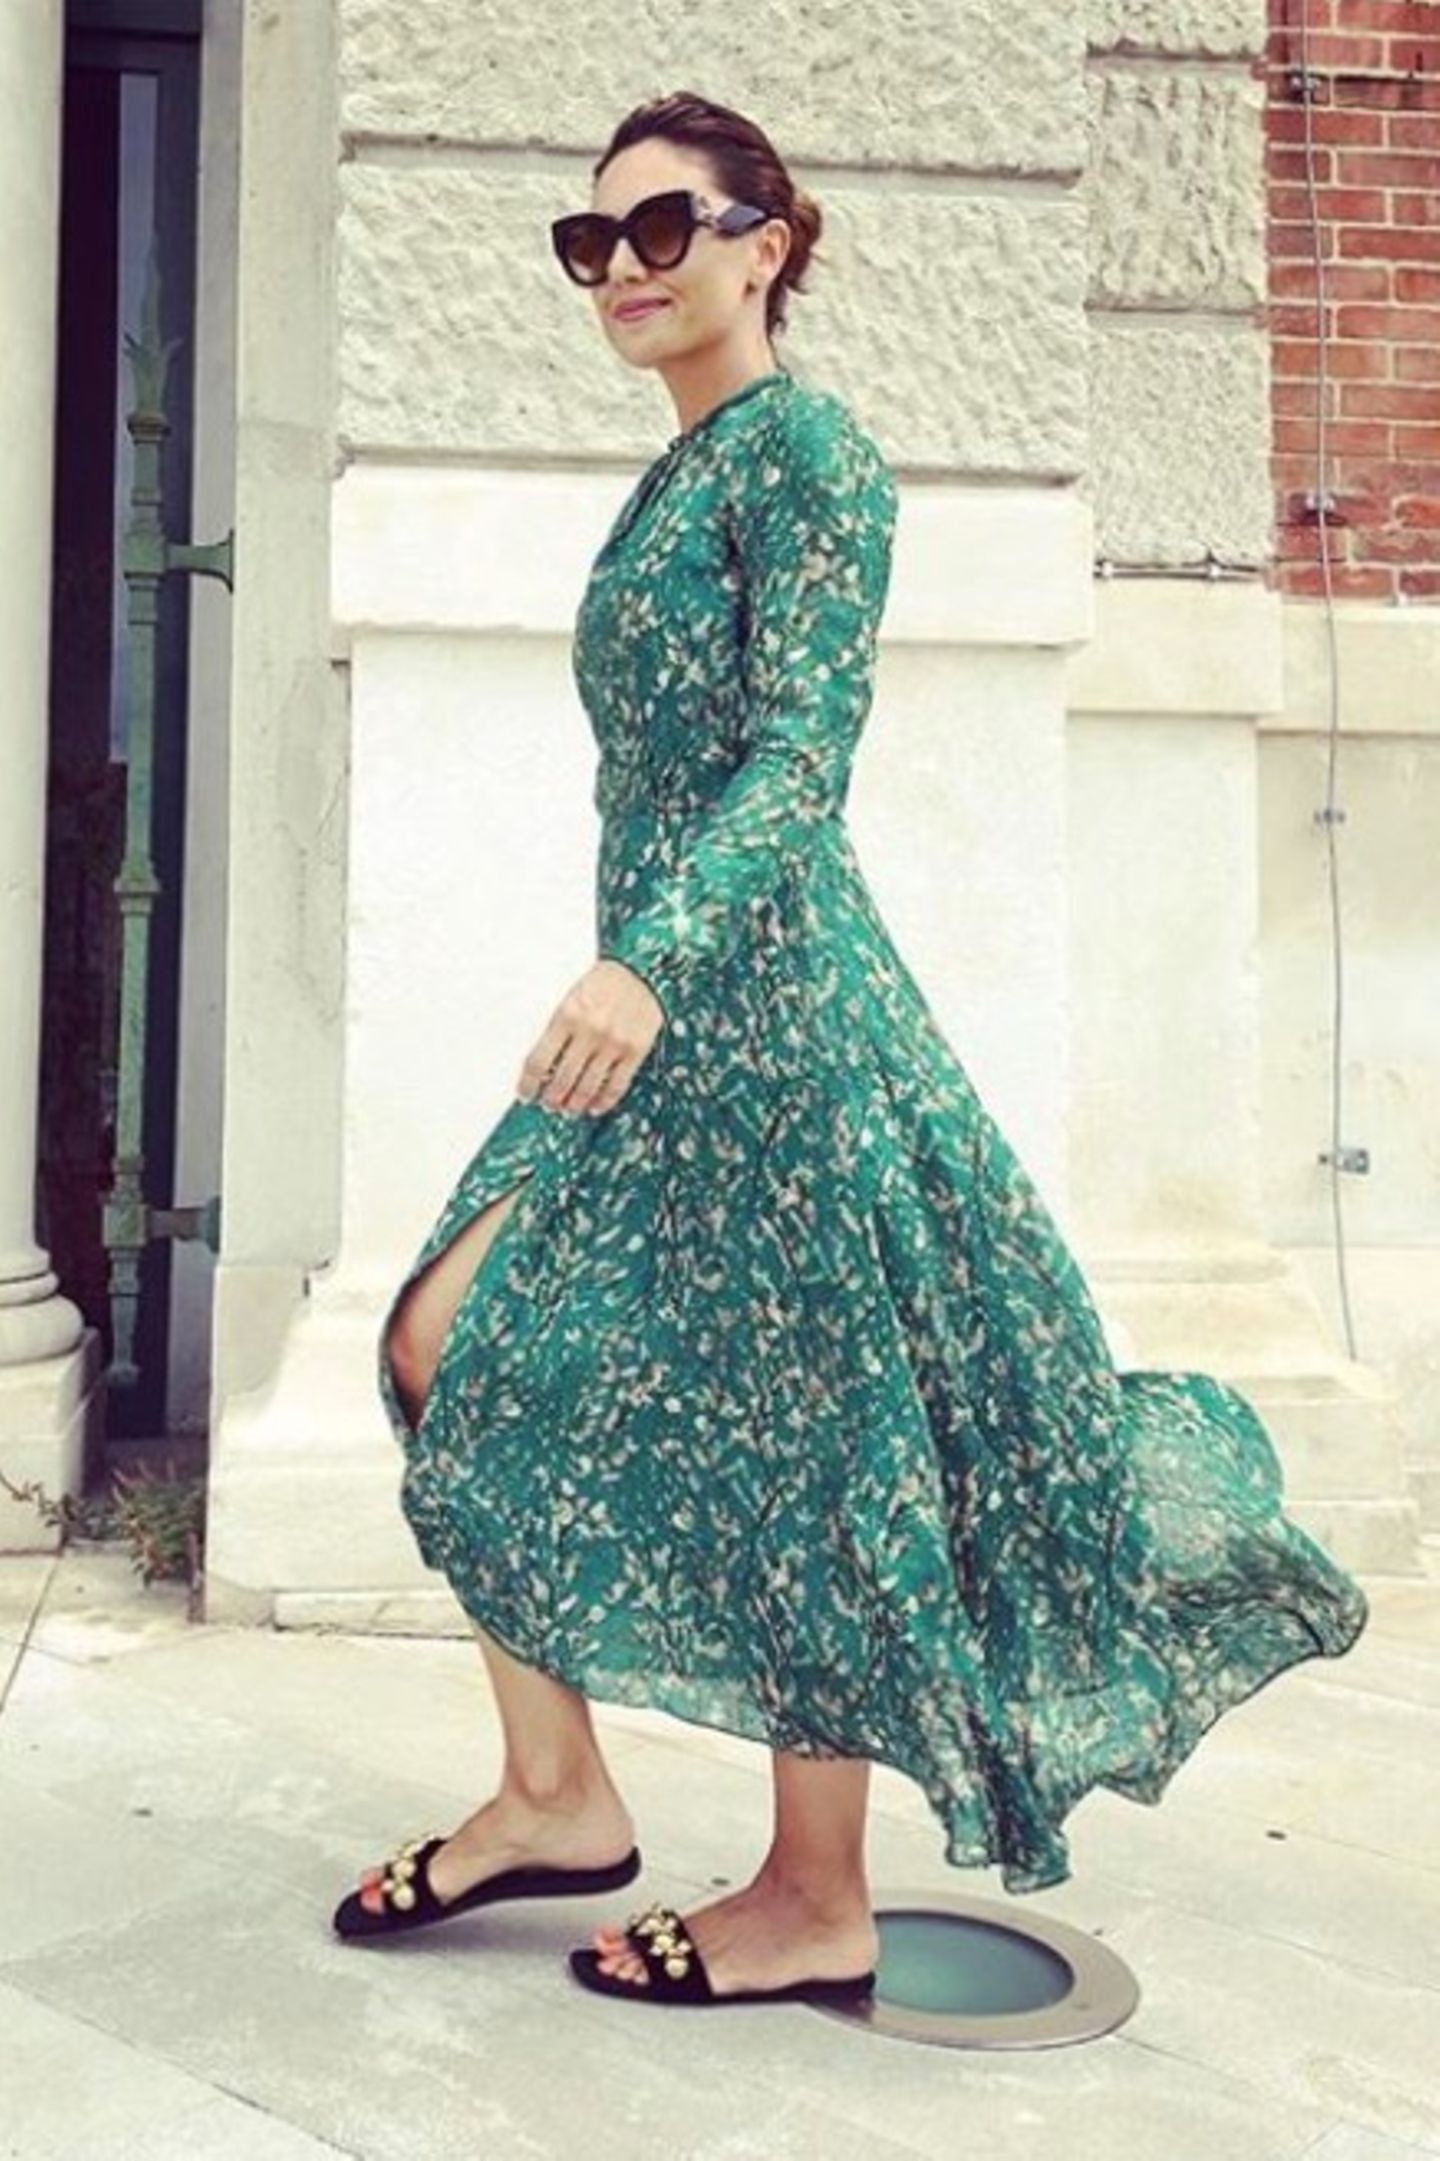 Ein leichtes Sommerkleid ist in der Hitze genau die richtige Wahl. Das weiß auch Nazan Eckes. Besonders luftig wird es, sobald eine frische Brise durch den leichten Stoff geht.